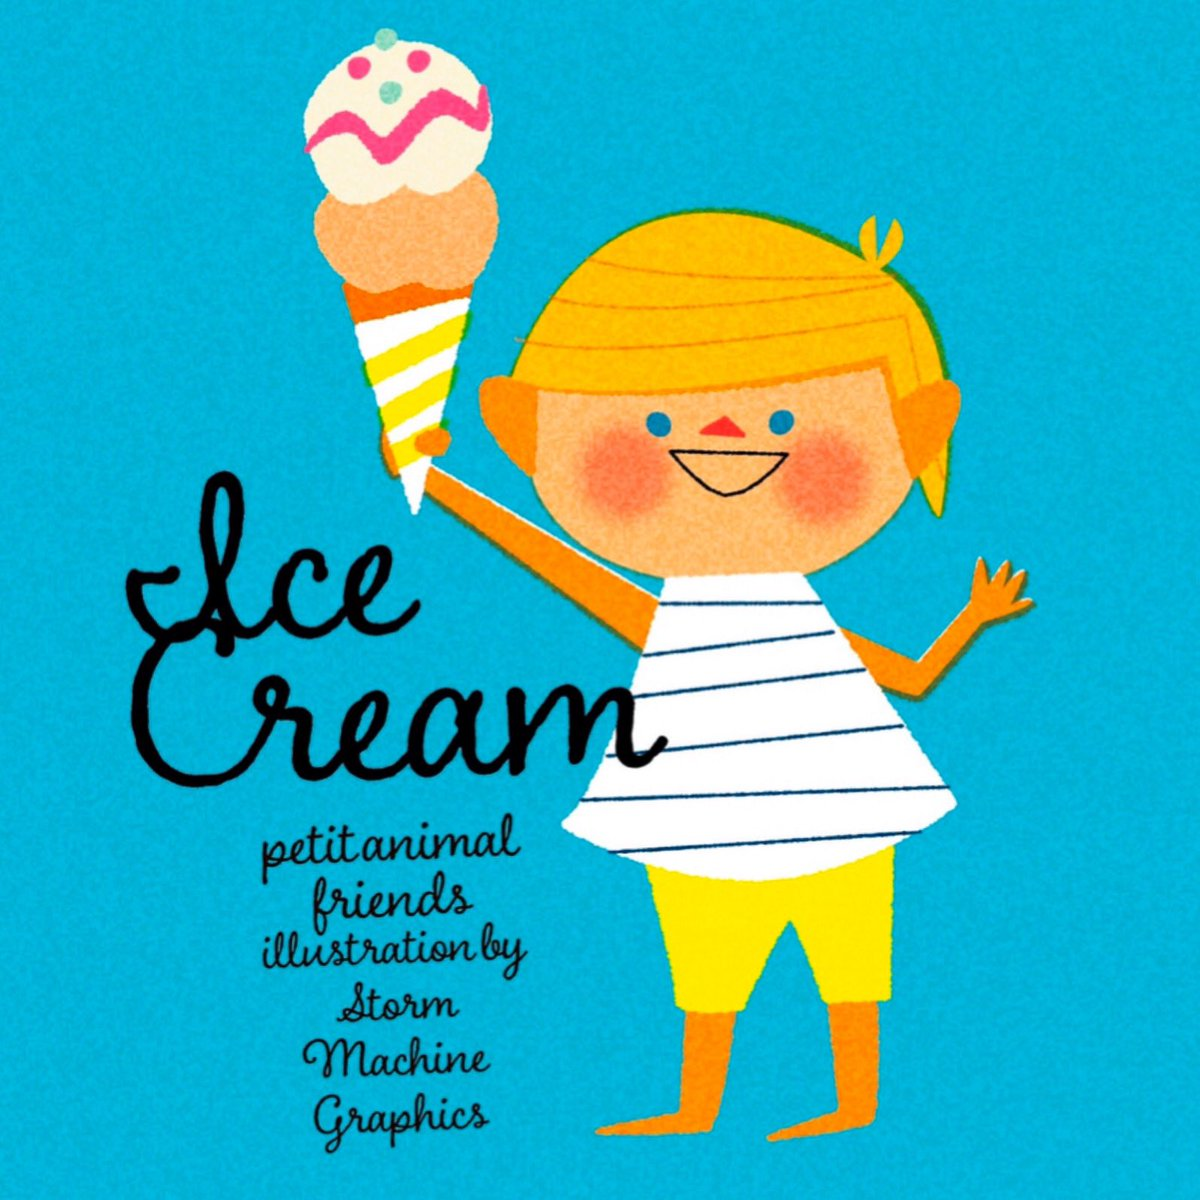 アイス食べたいー #ラクガキ https://t.co/hXCAfSTtRy